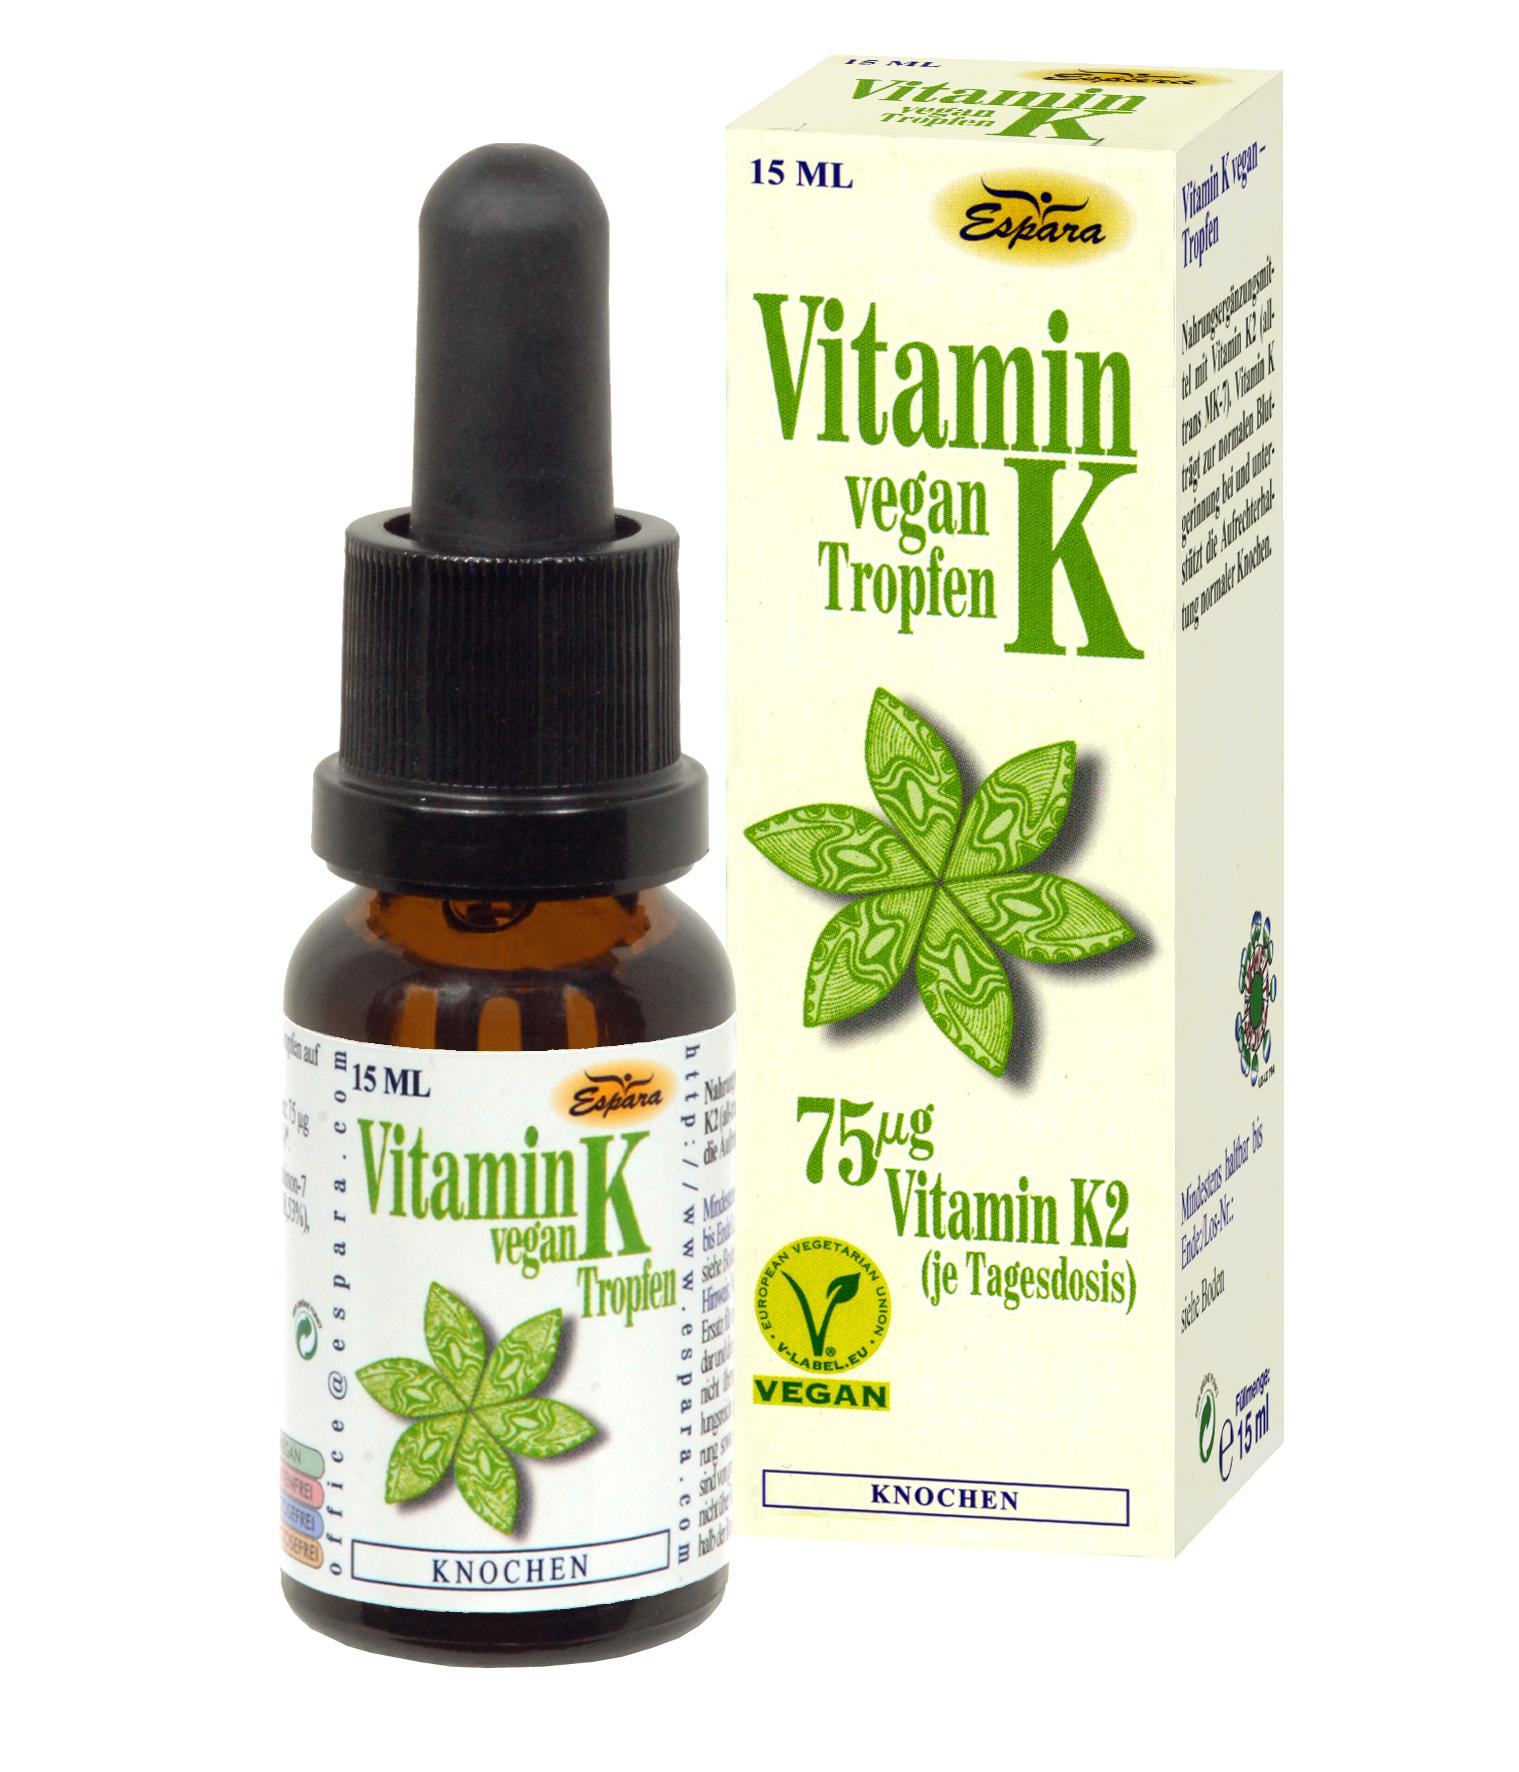 Espara Vitamin K vegan Tropfen